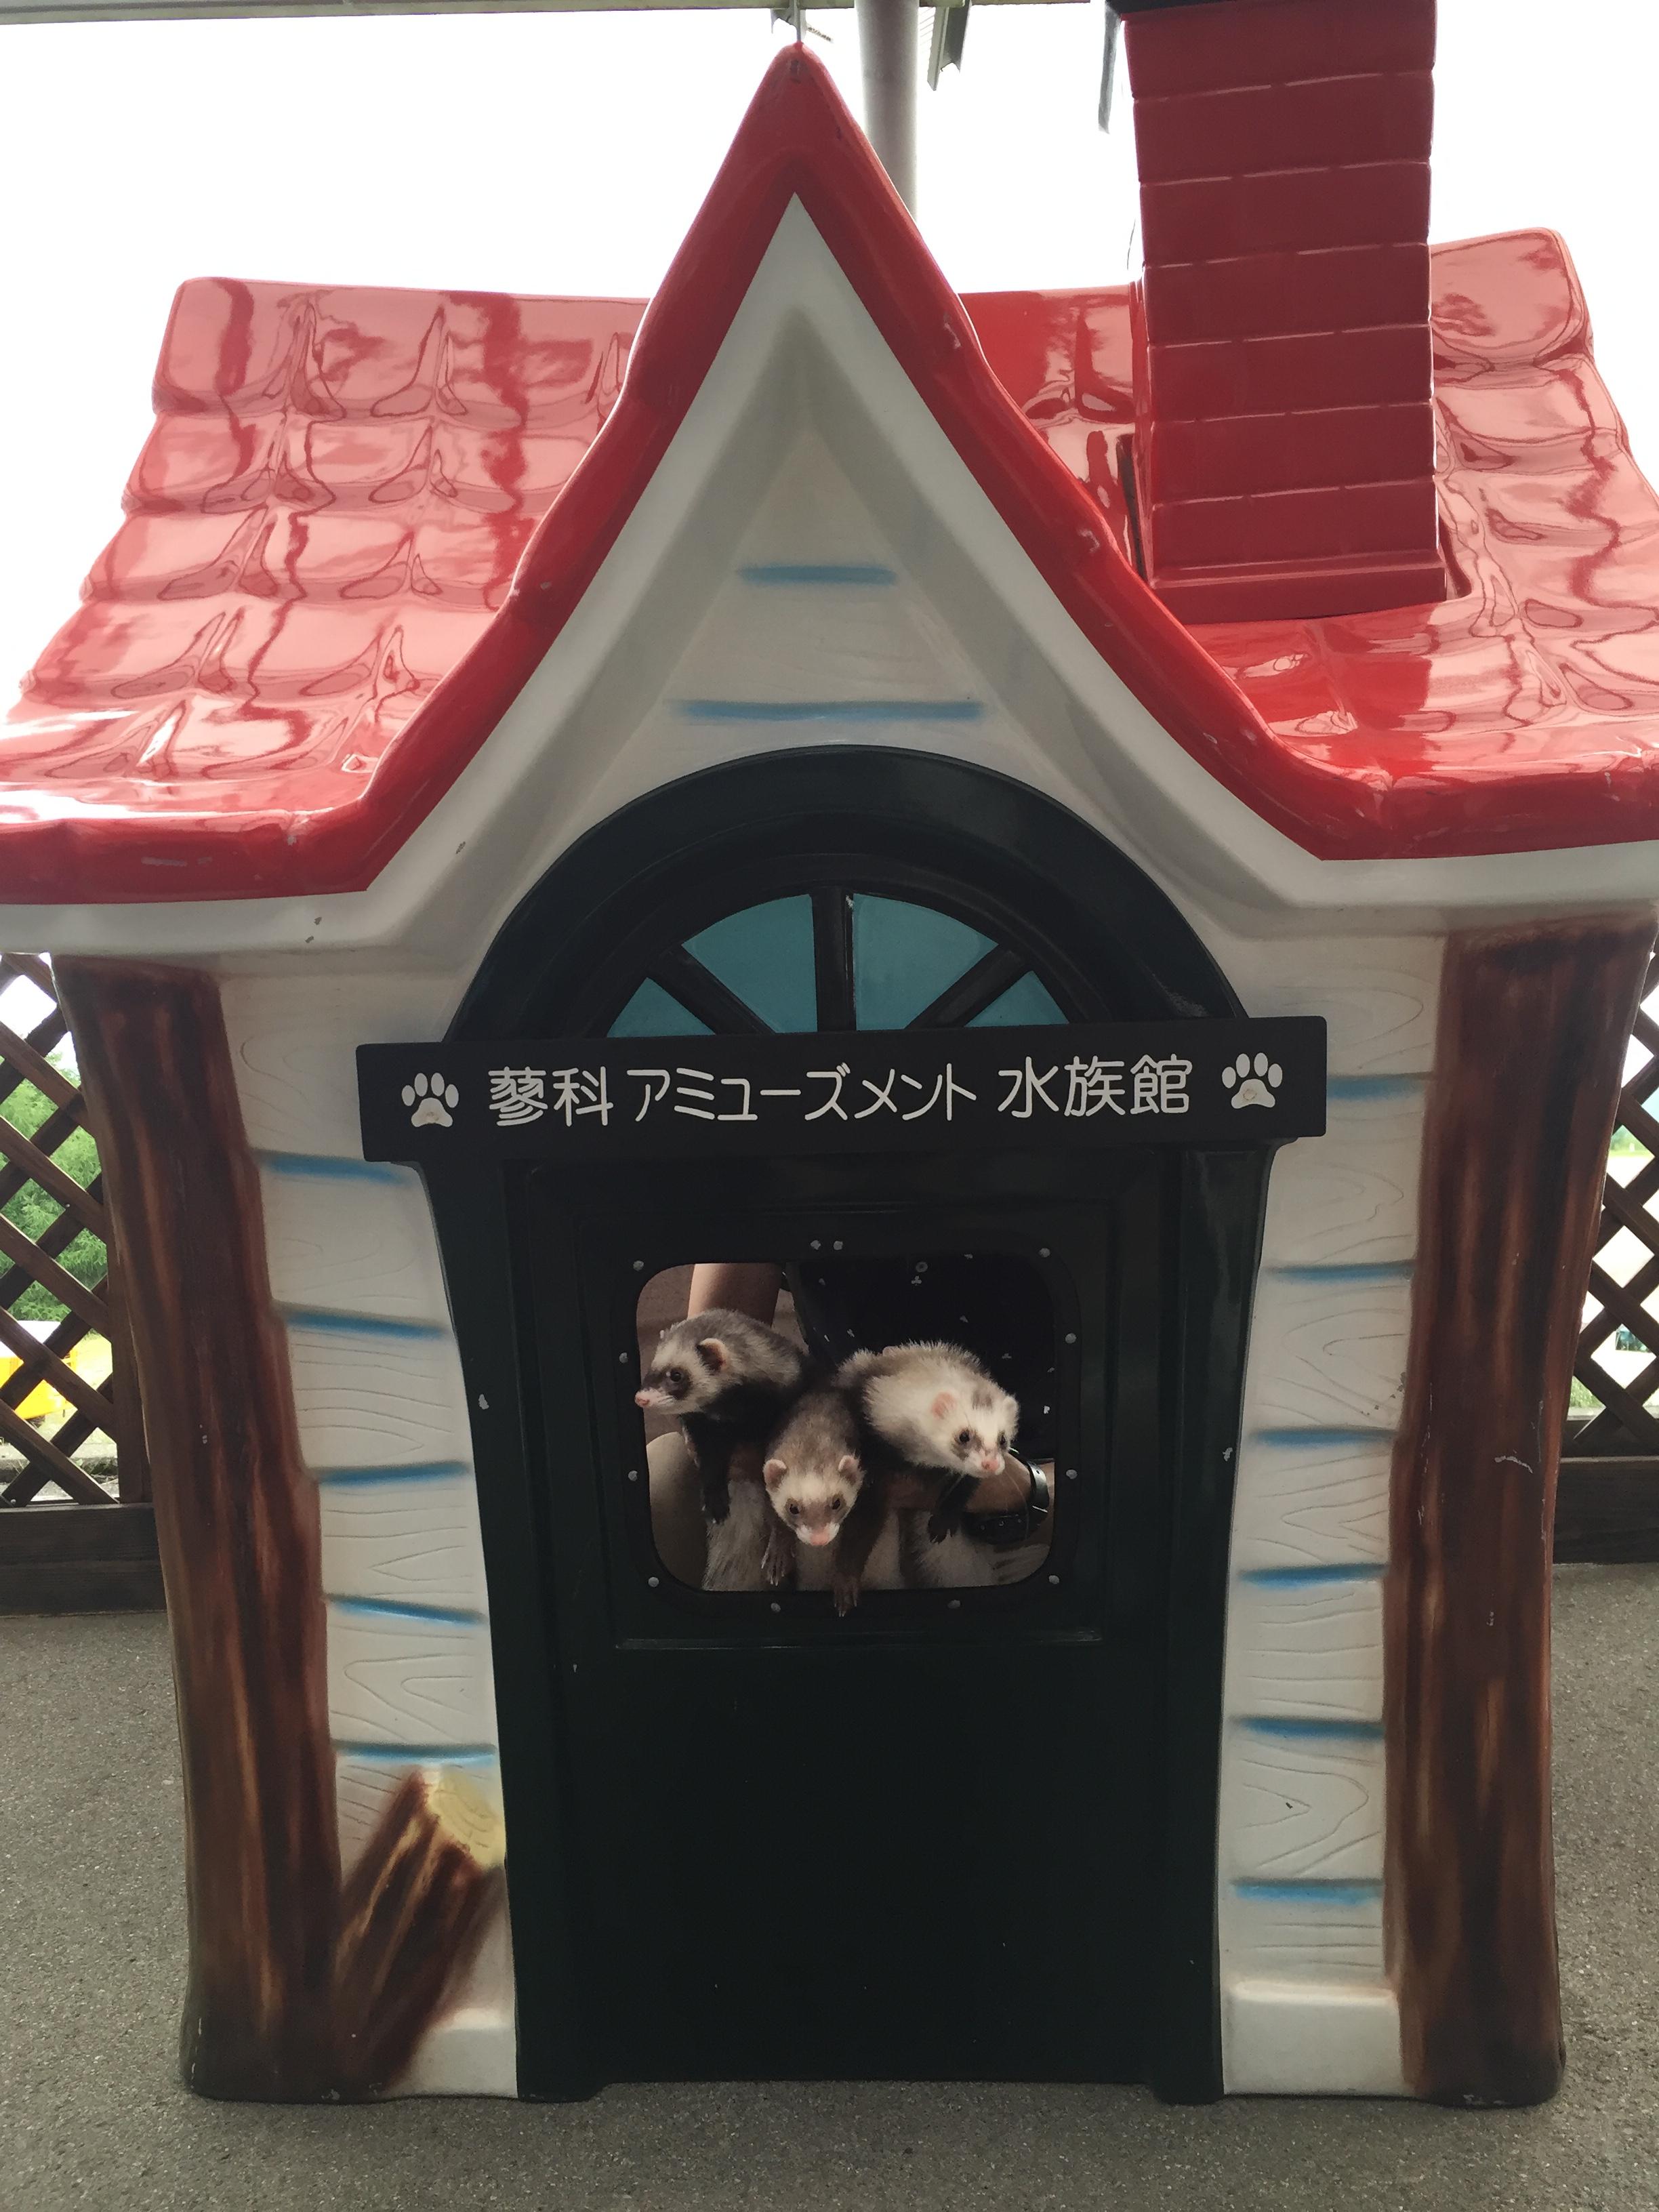 蓼科アミューズメント水族館記念撮影